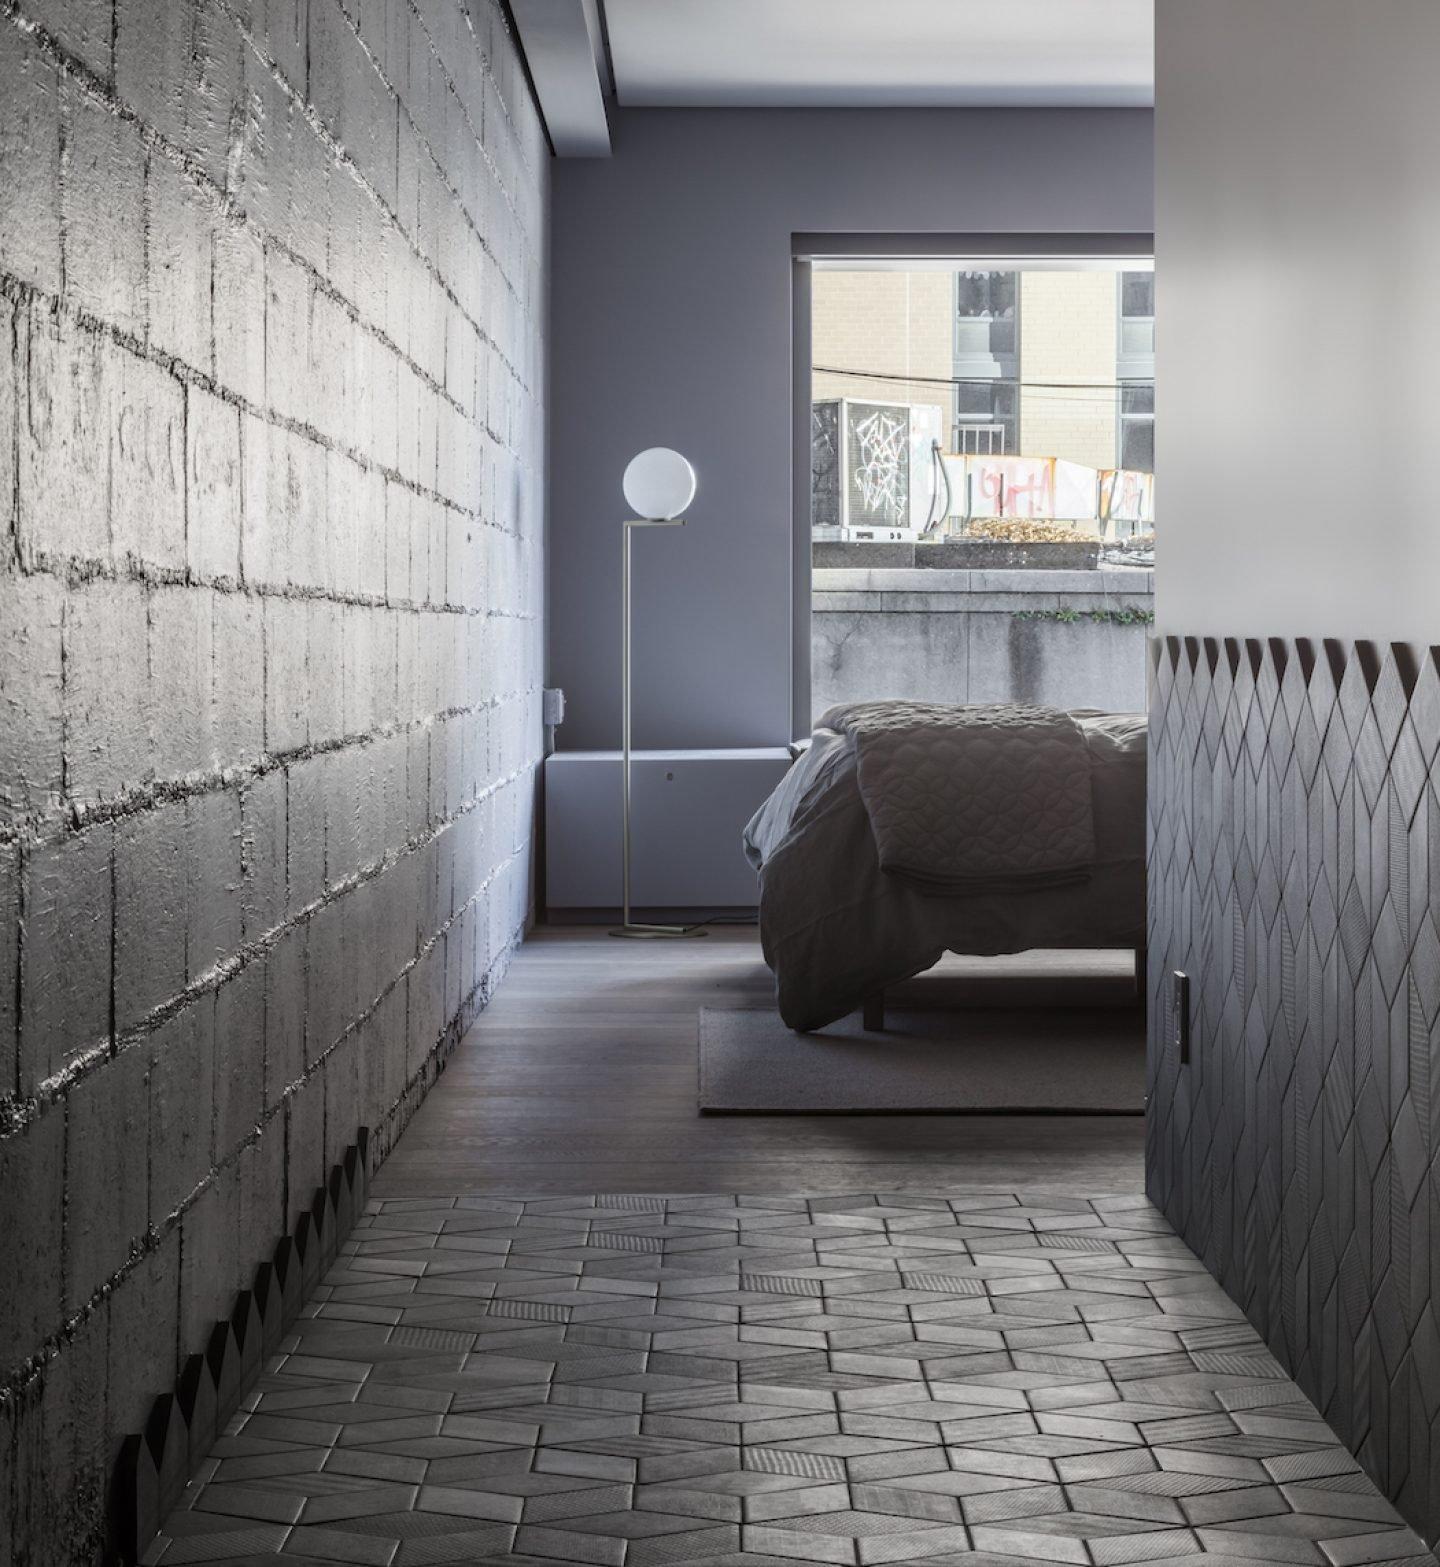 Grzywinski+Pons_architecture - Internal - 06